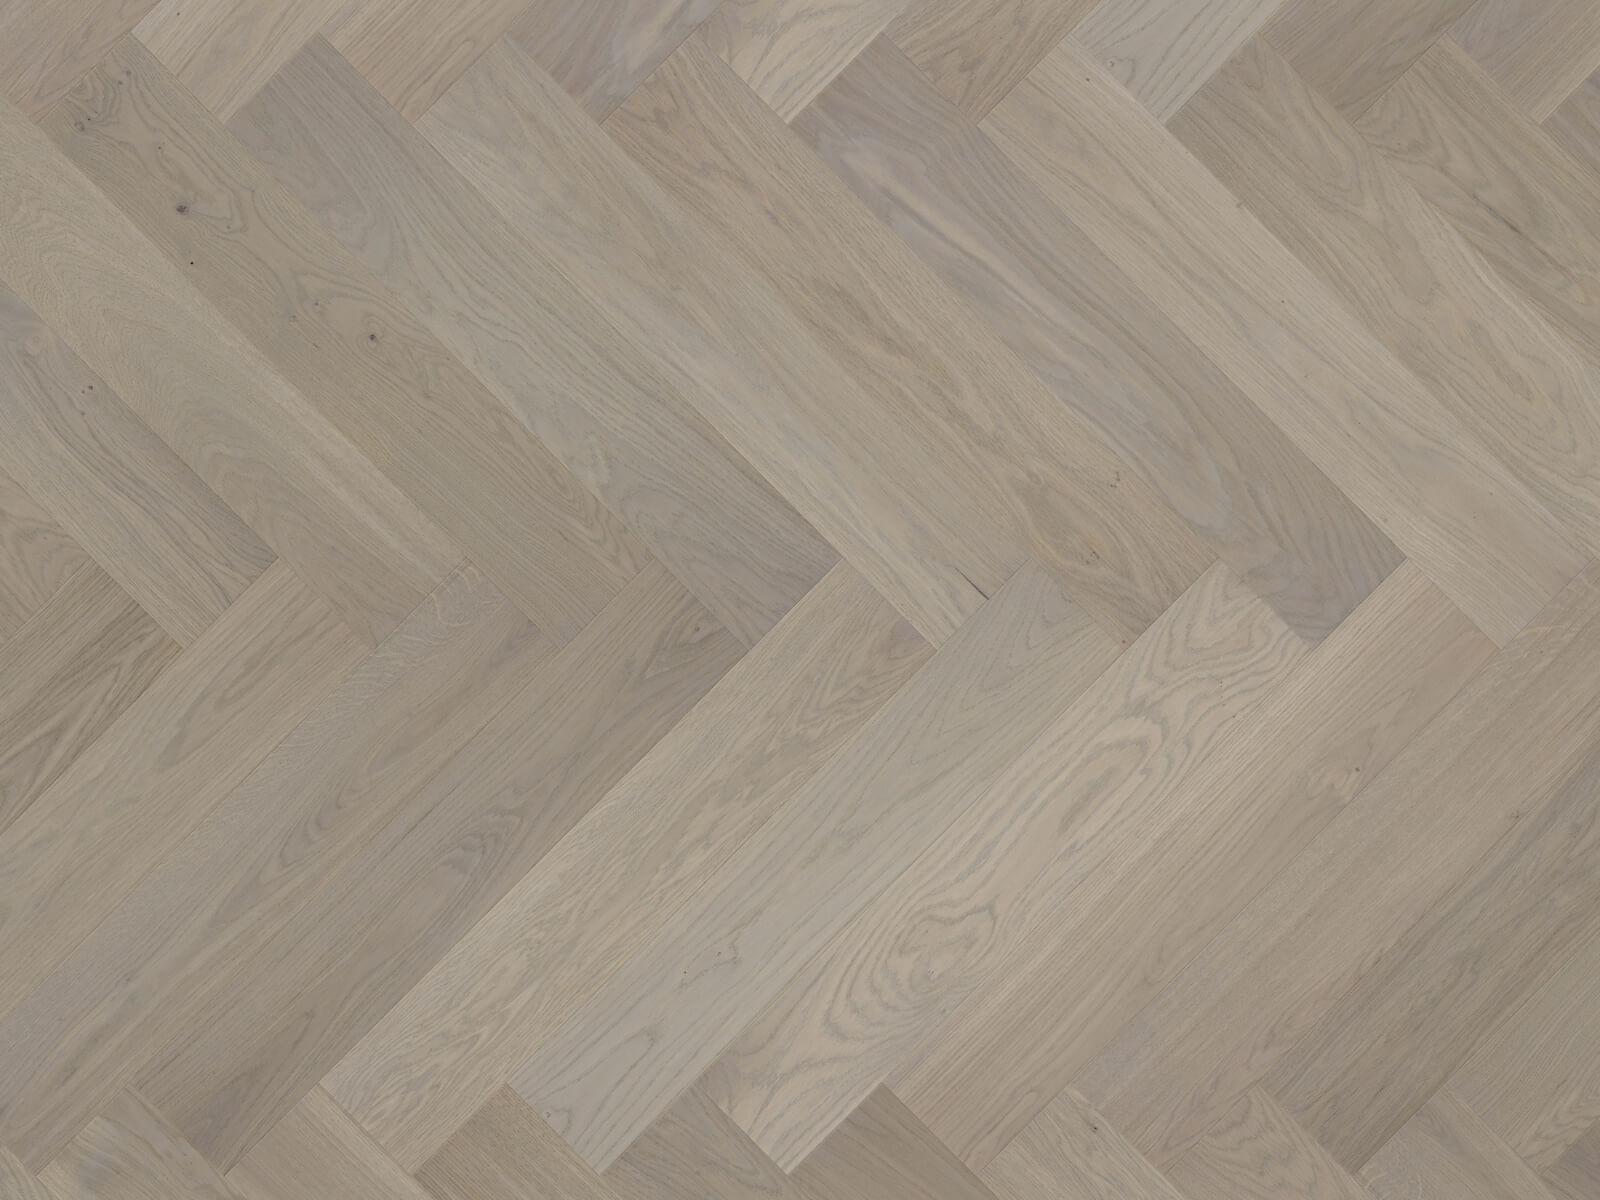 chopin-vloer-100391014